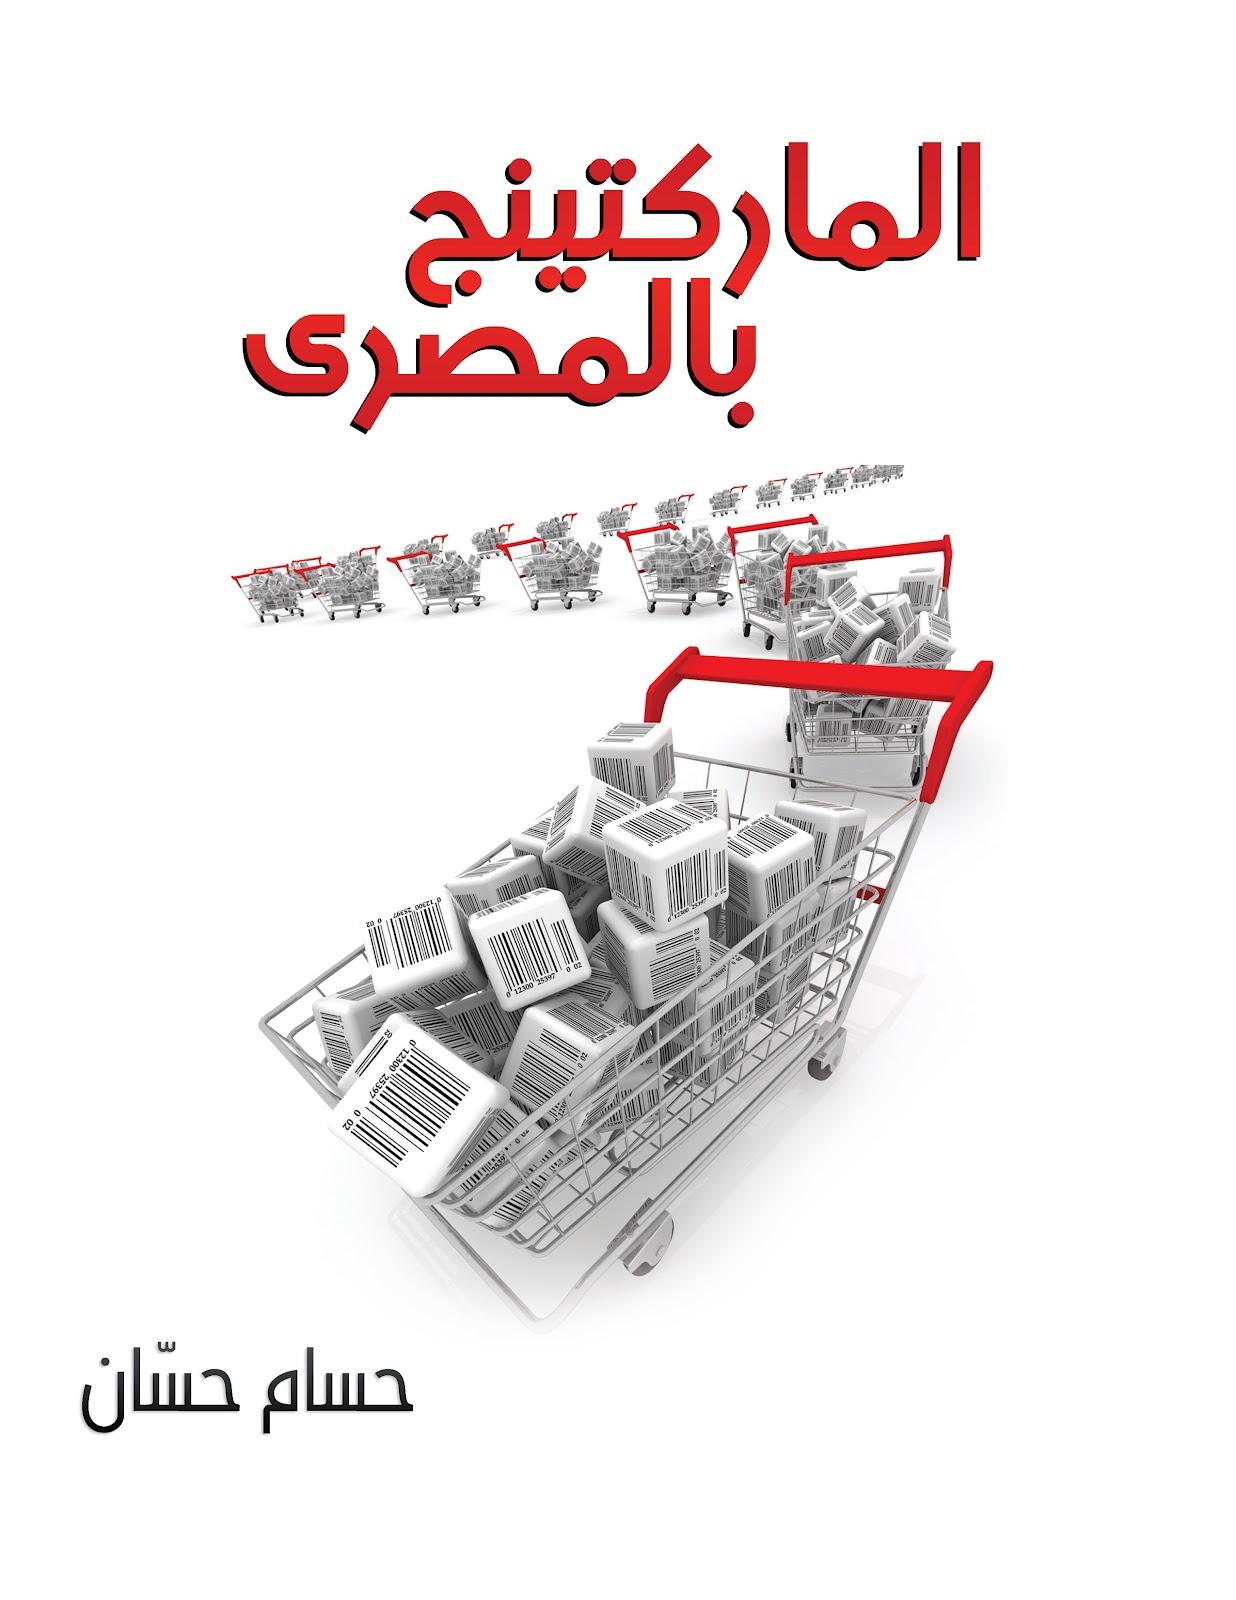 كتاب الماركتينج بالمصرى pdf